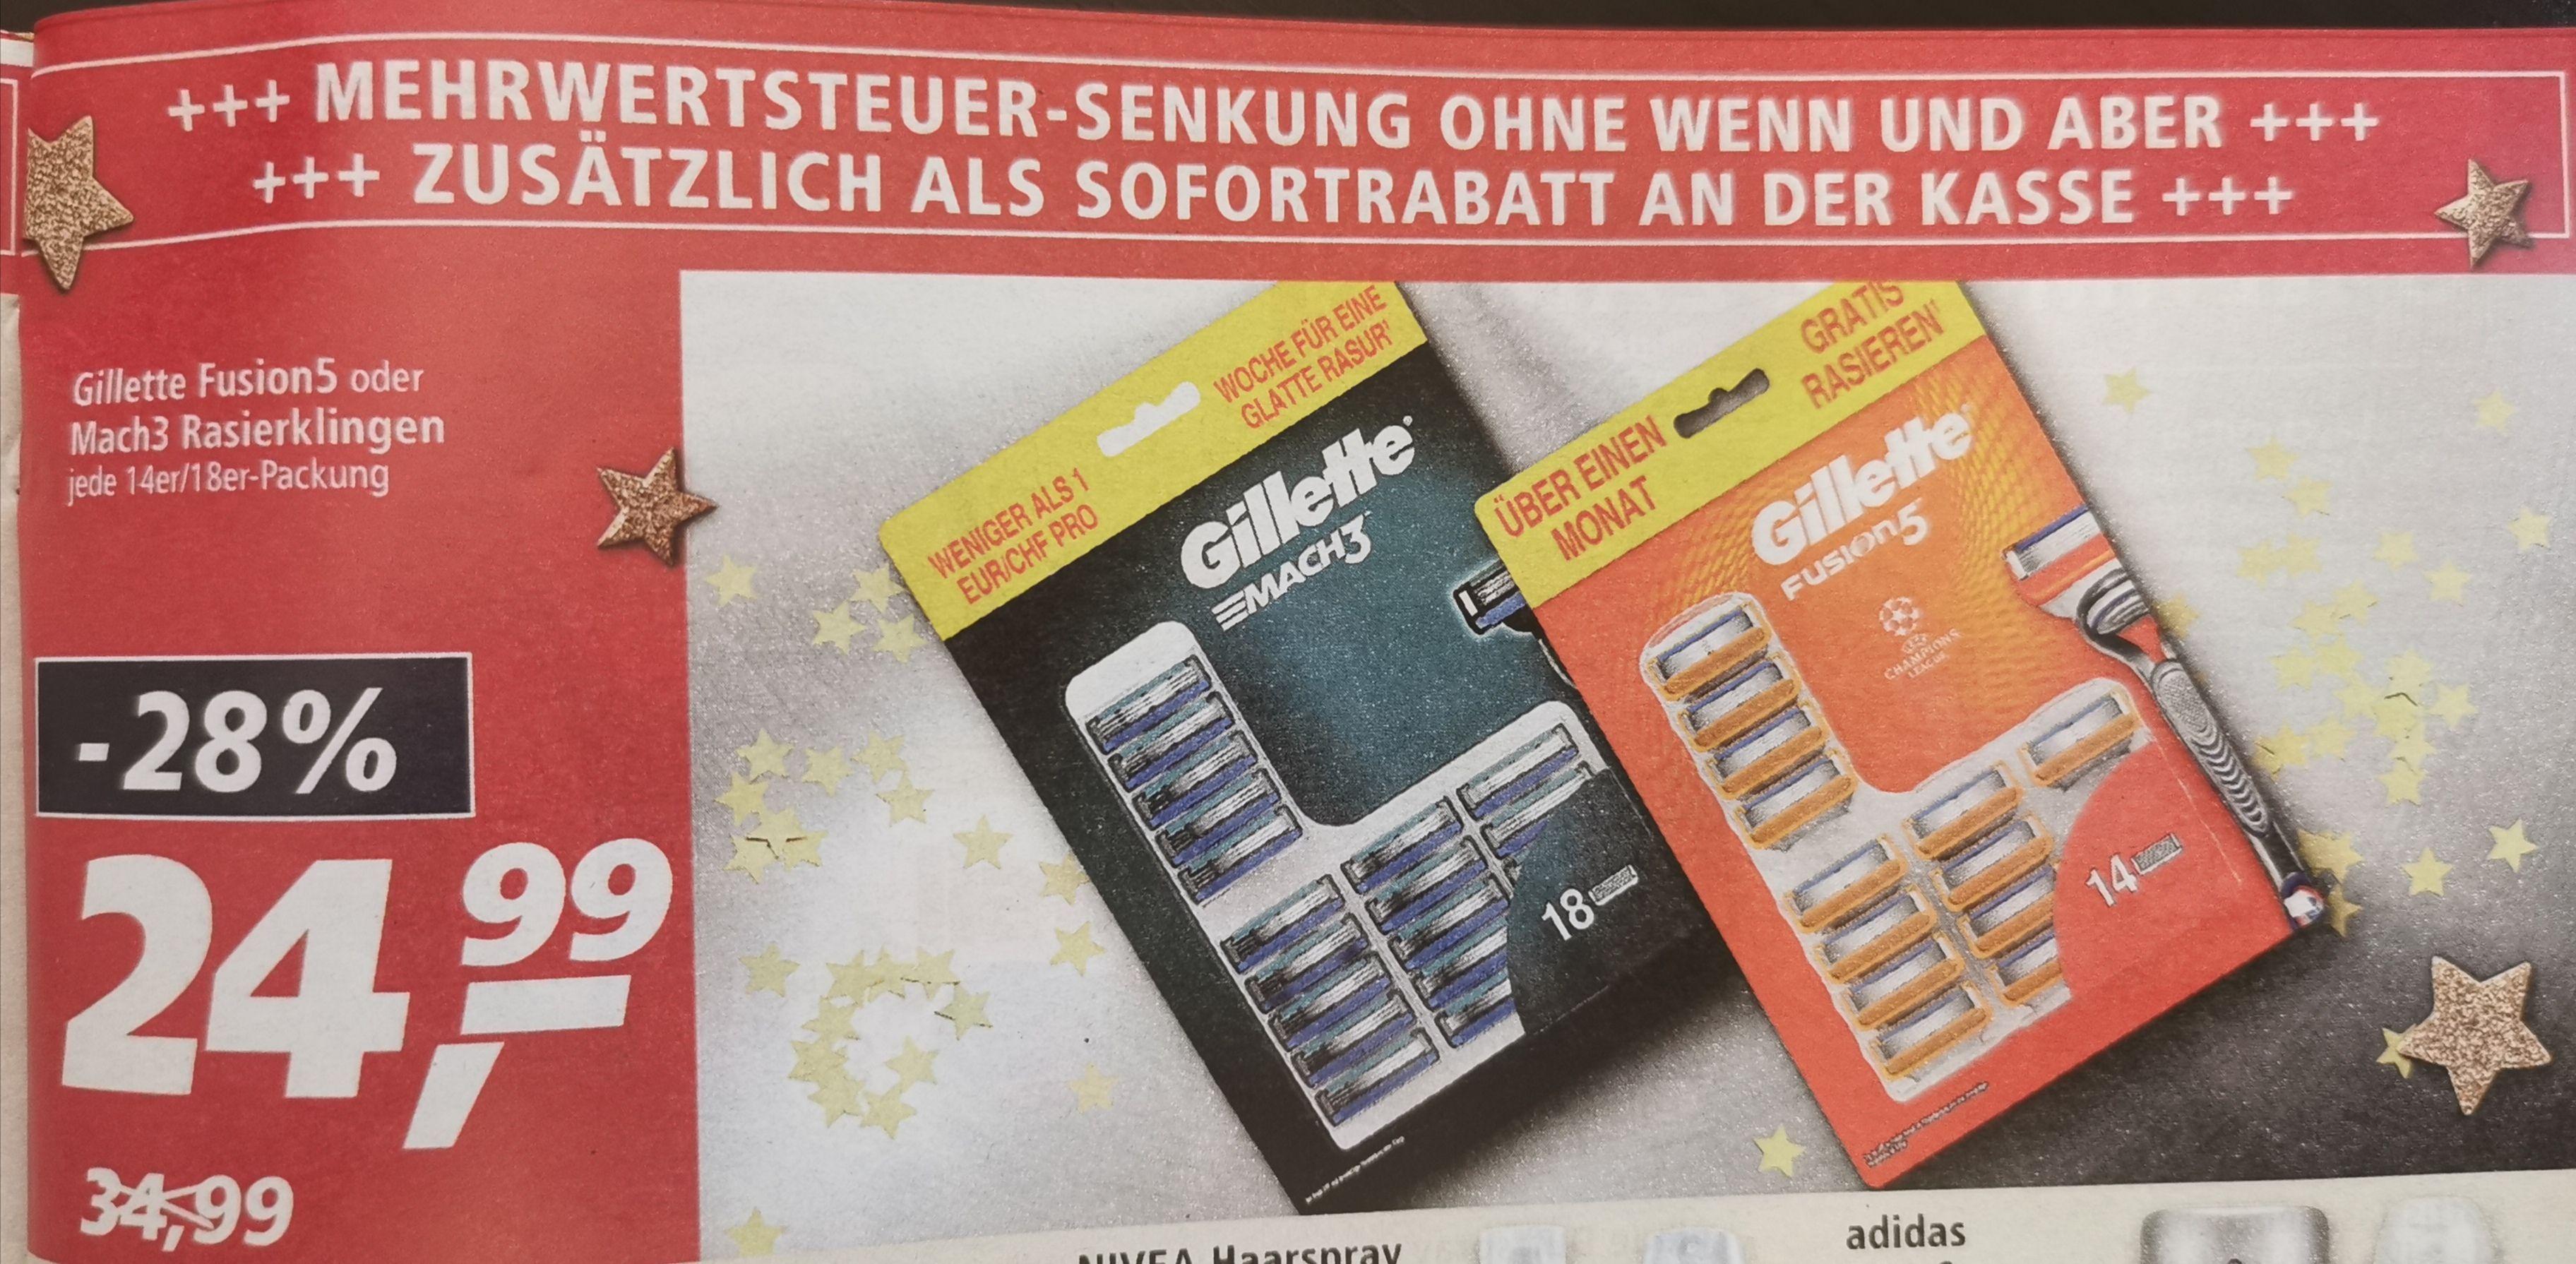 [Lokal] Real Koblenz / Mühlheim-Kärlich / Mutterstadt evtl Deutschlandweit Gillette Mach 3 oder Fusion 5